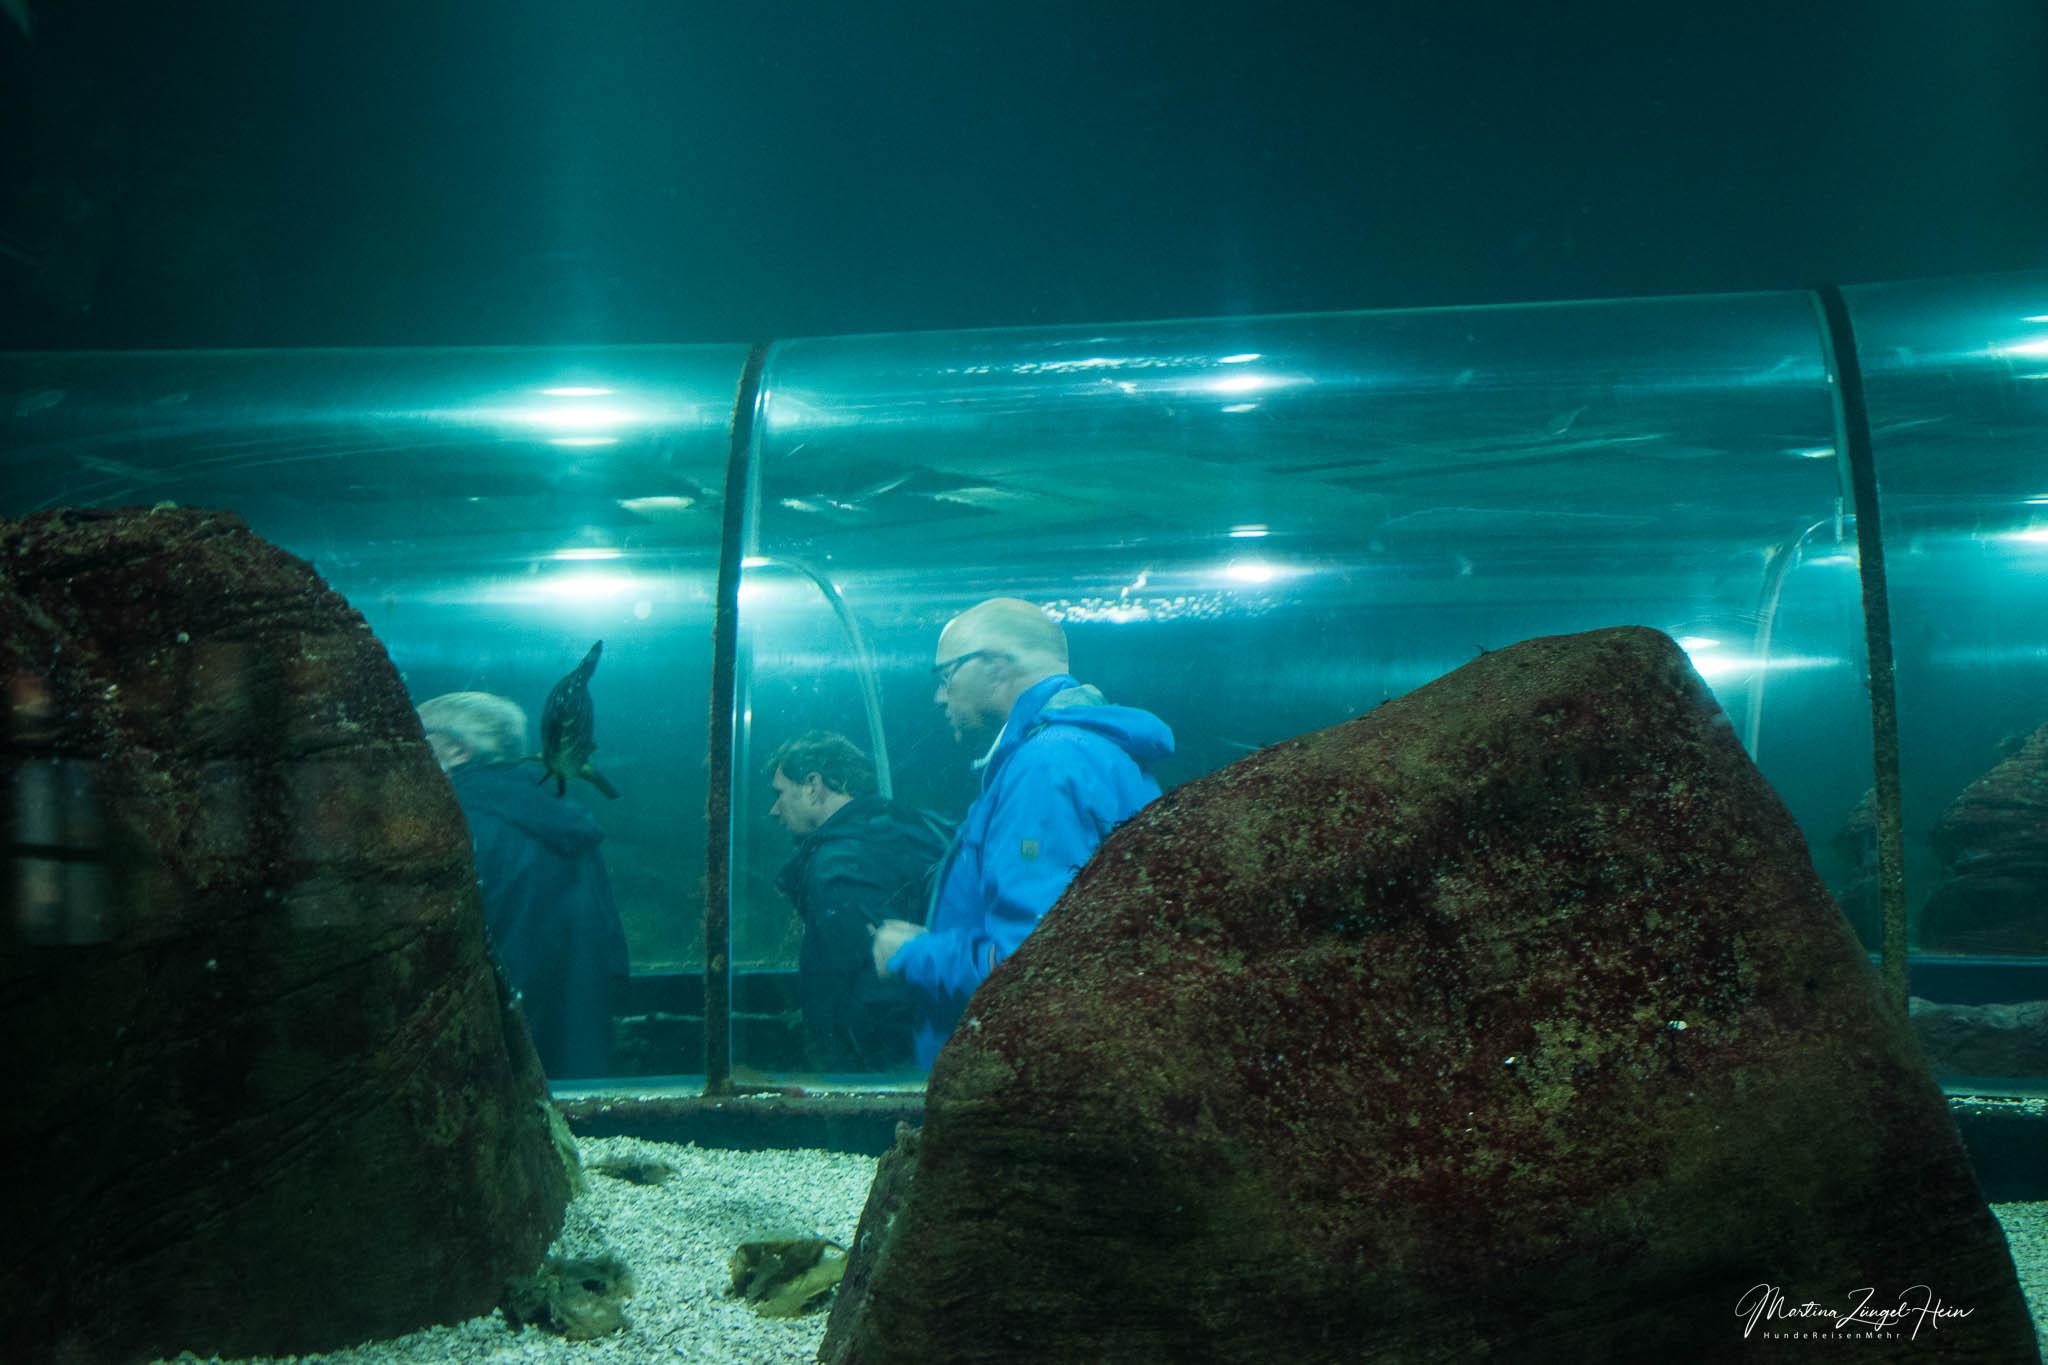 Der reizende Gemahl schiebt sich durch den gläsernen Tunnel im Aquarium